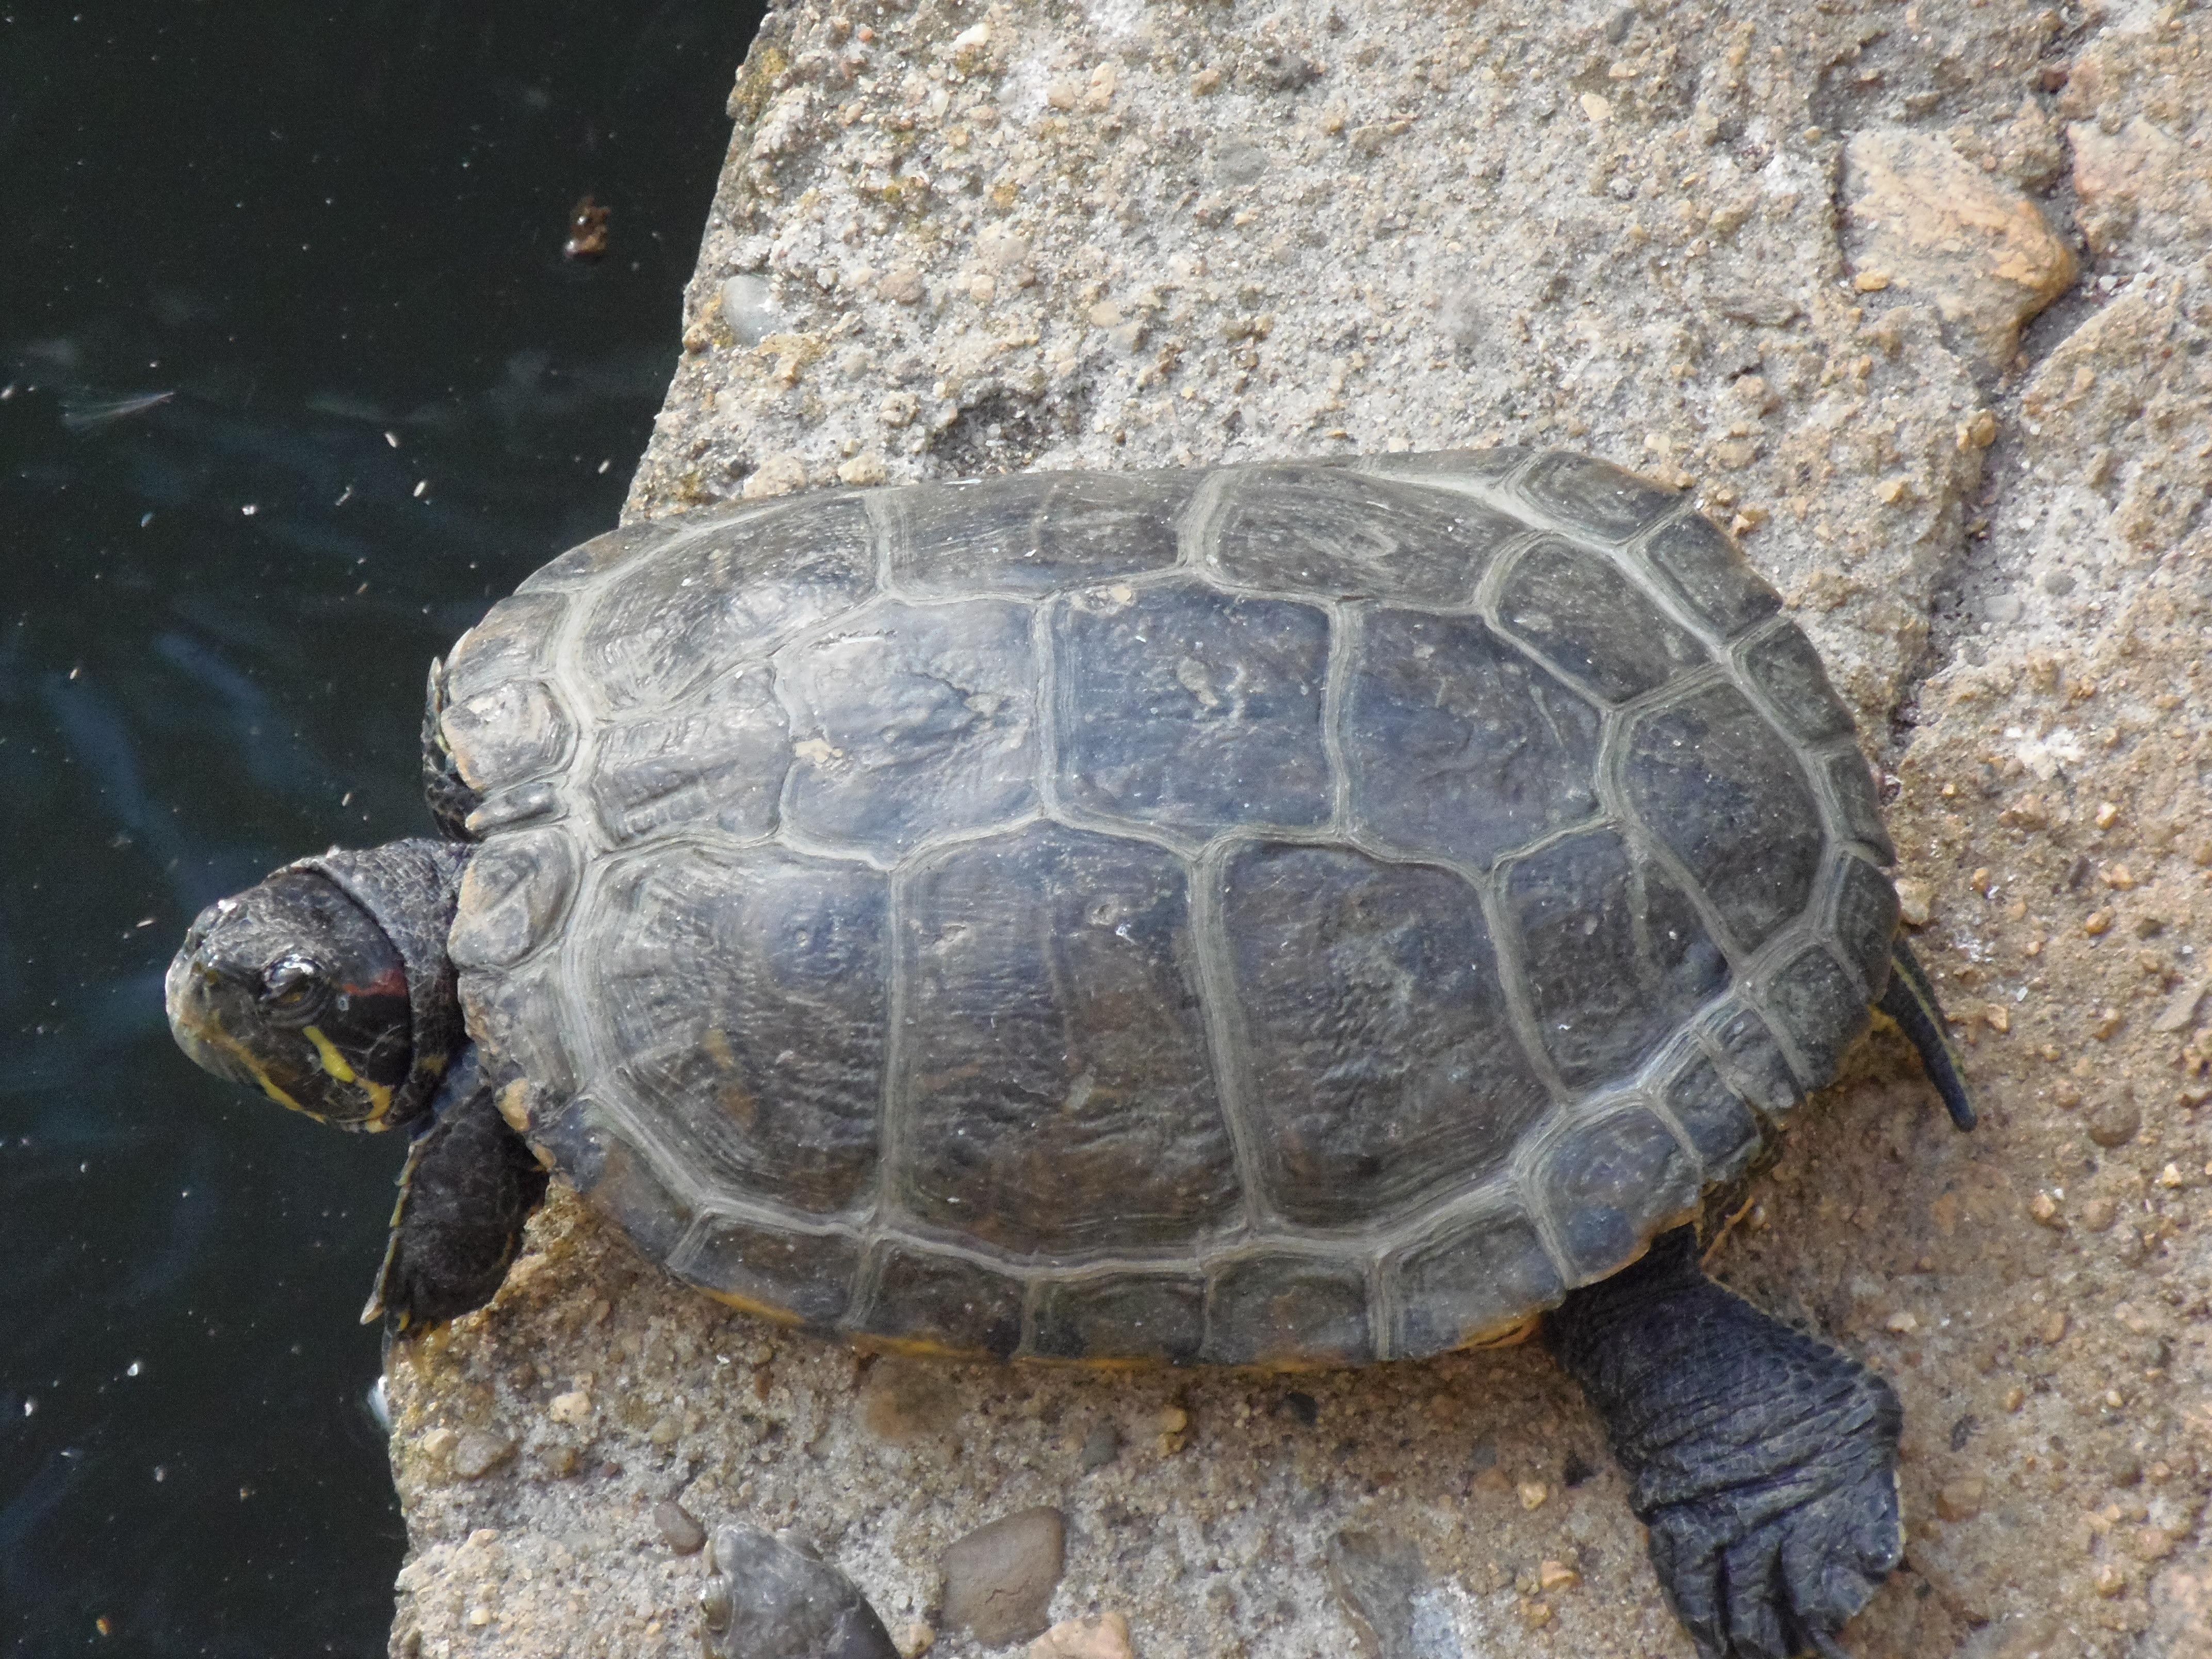 Free Images : sea turtle, reptile, fauna, animals ...